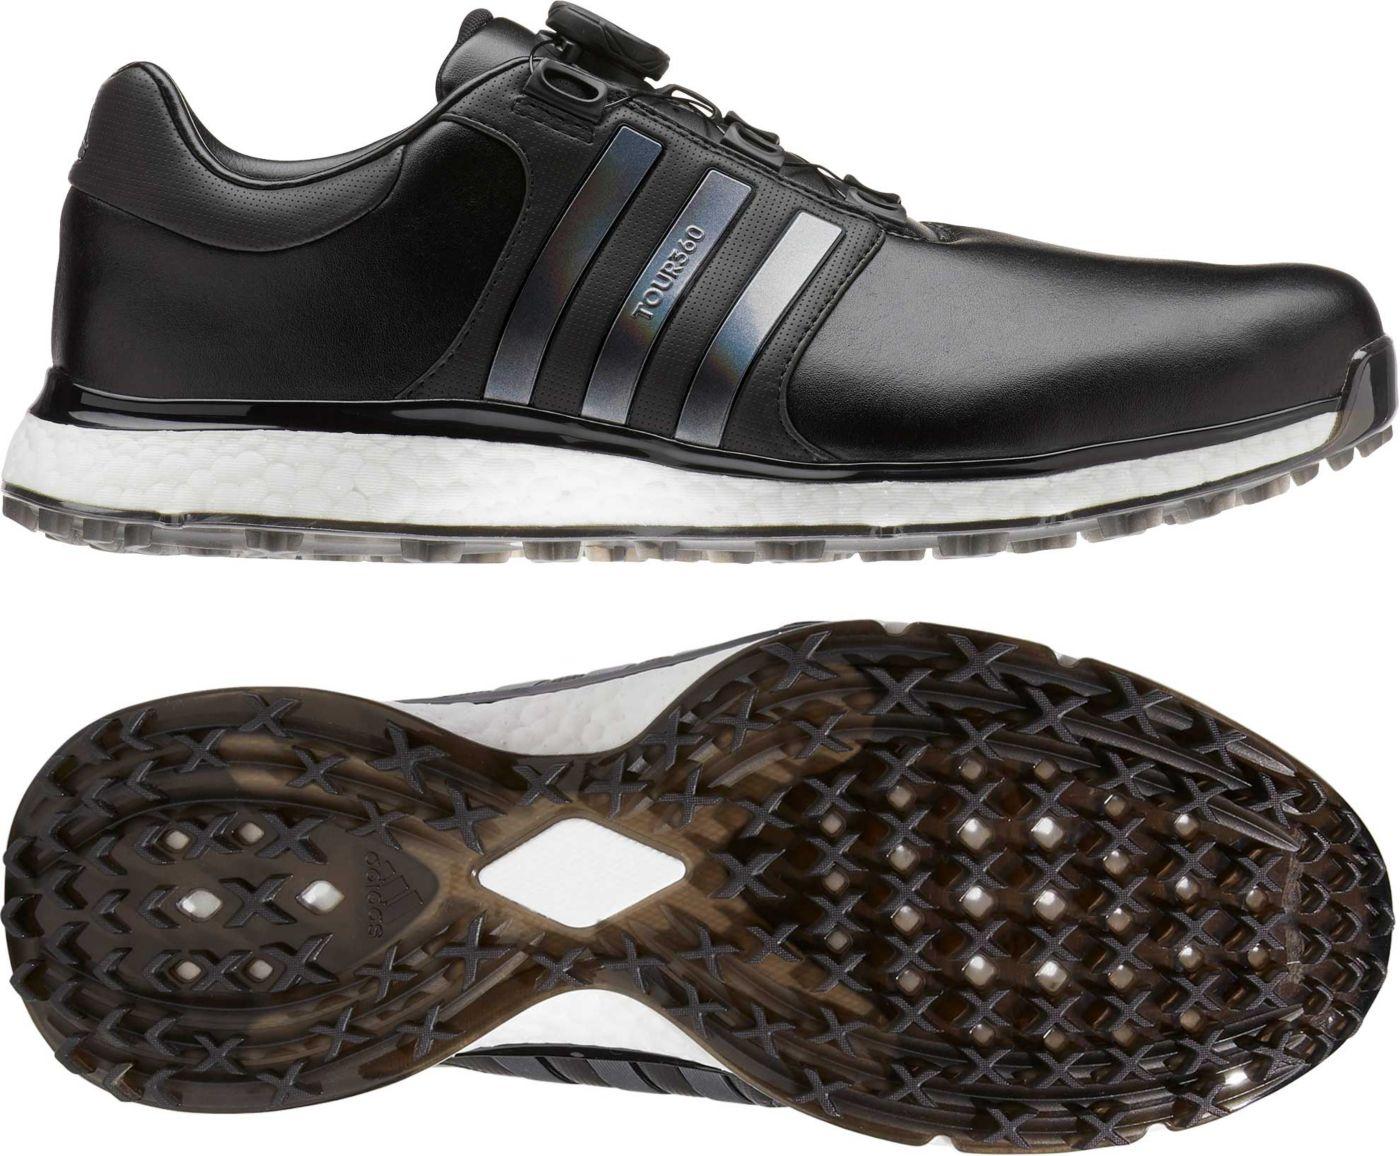 adidas Men's TOUR360 XT SL BOA Golf Shoes